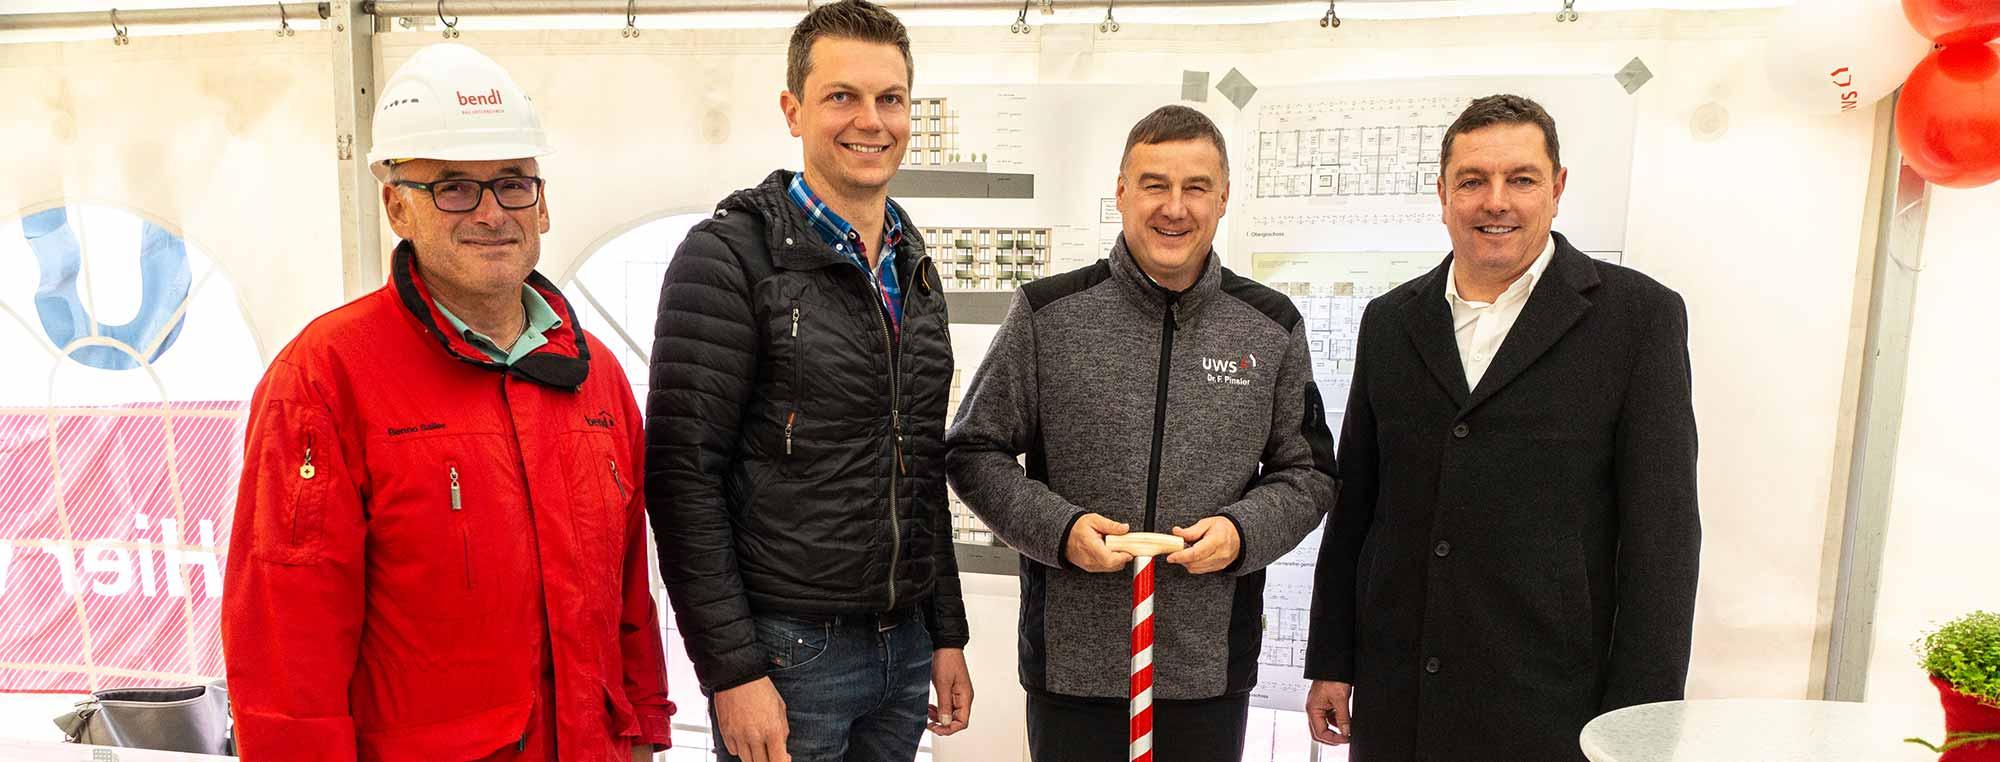 Die UWS Ulmer Wohnungs- und Siedlungs-Gesellschaft mbH feiert Richtfest für ihr Wohnbauprojekt in Ulm Böfingen.